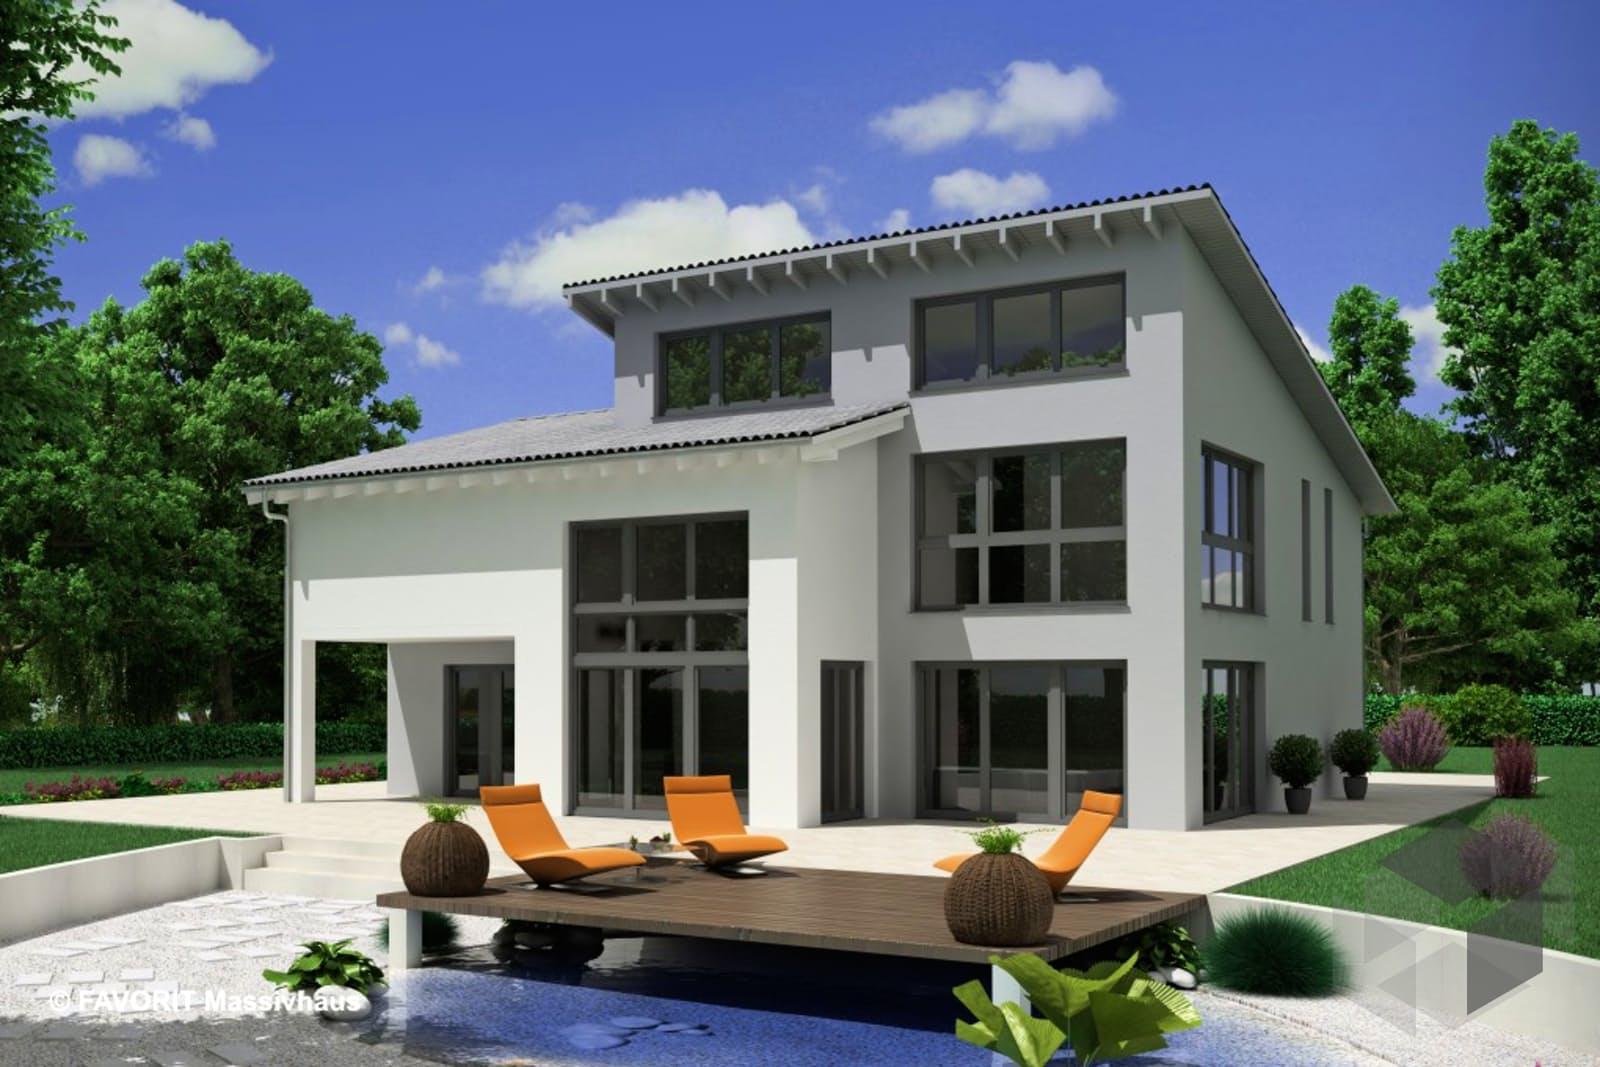 creativ sun 211 von favorit massivhaus komplette daten bersicht. Black Bedroom Furniture Sets. Home Design Ideas